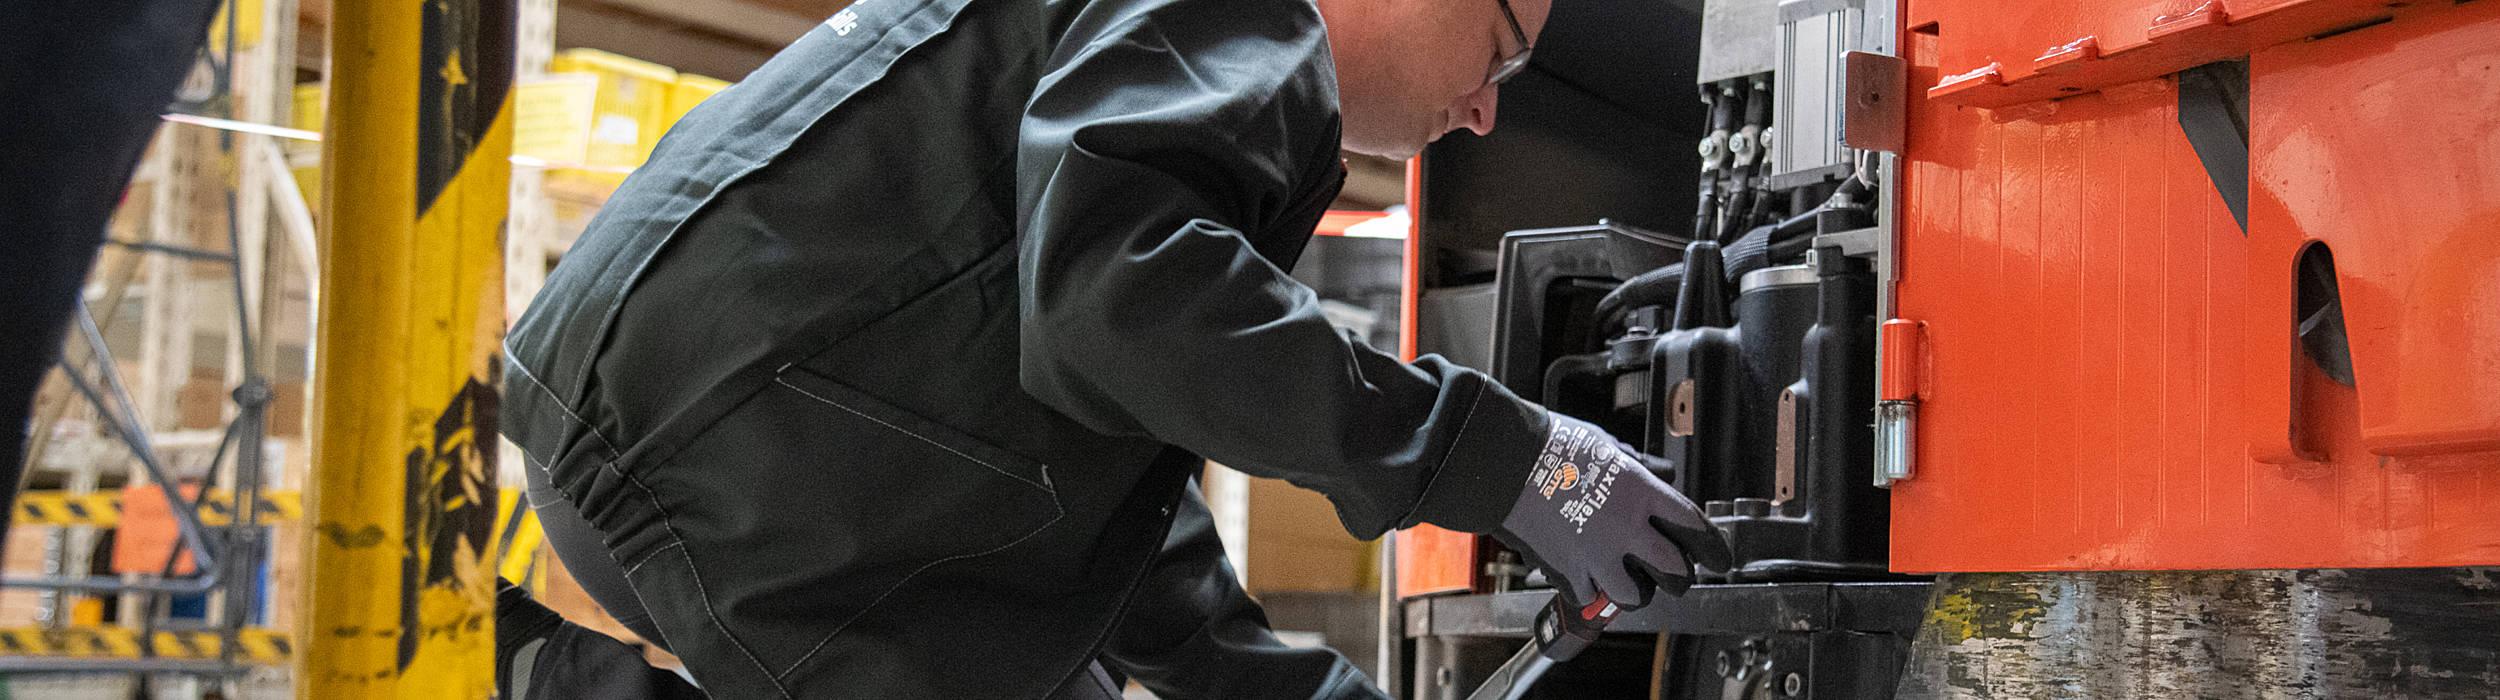 Servisní technik Toyota Material Handling u vysokozdvižného vozíku